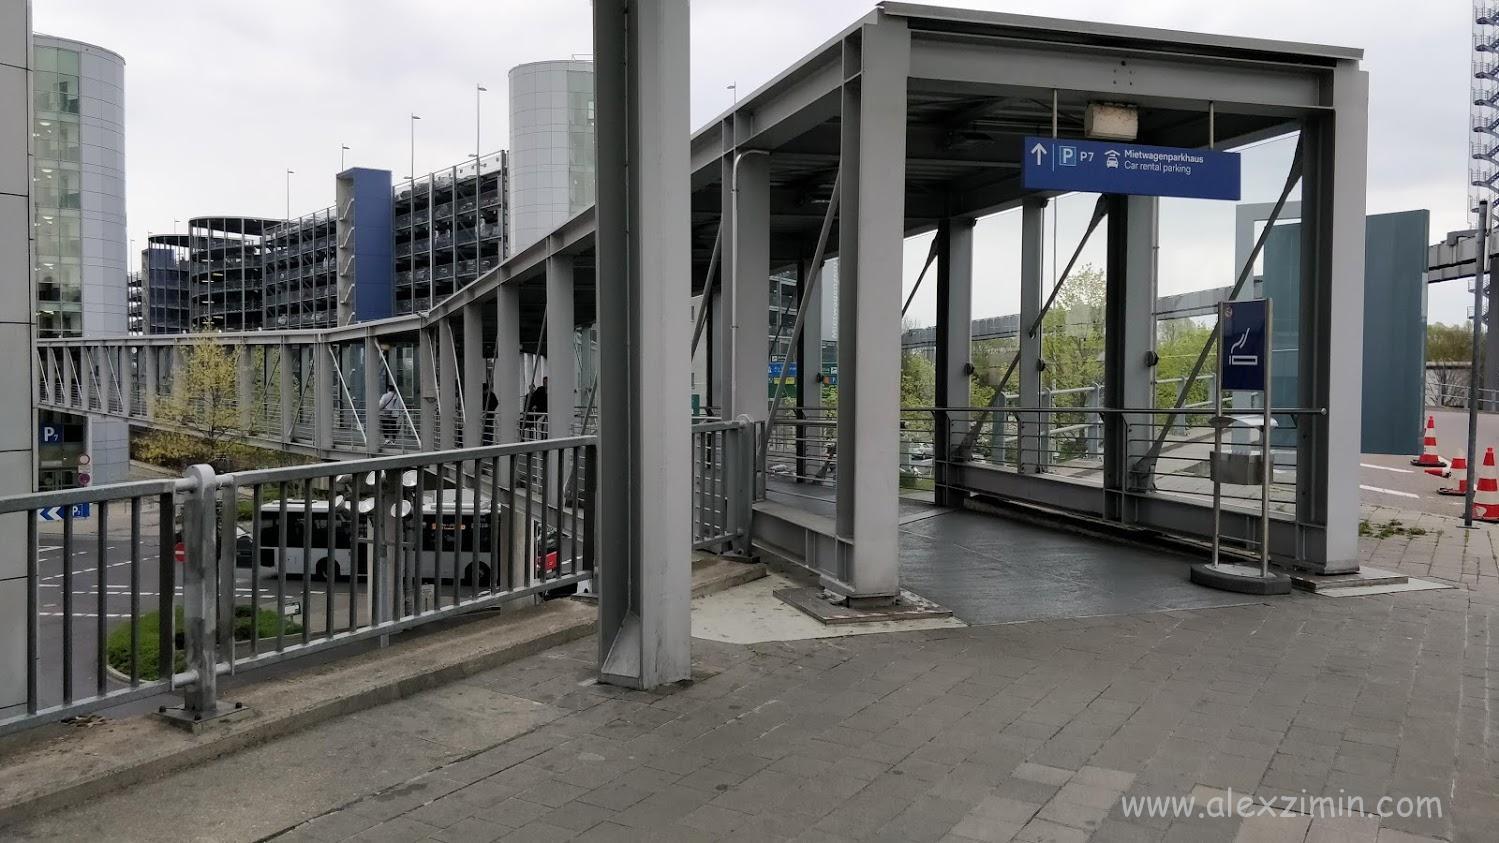 Подход к зданию car rental center dusseldorf